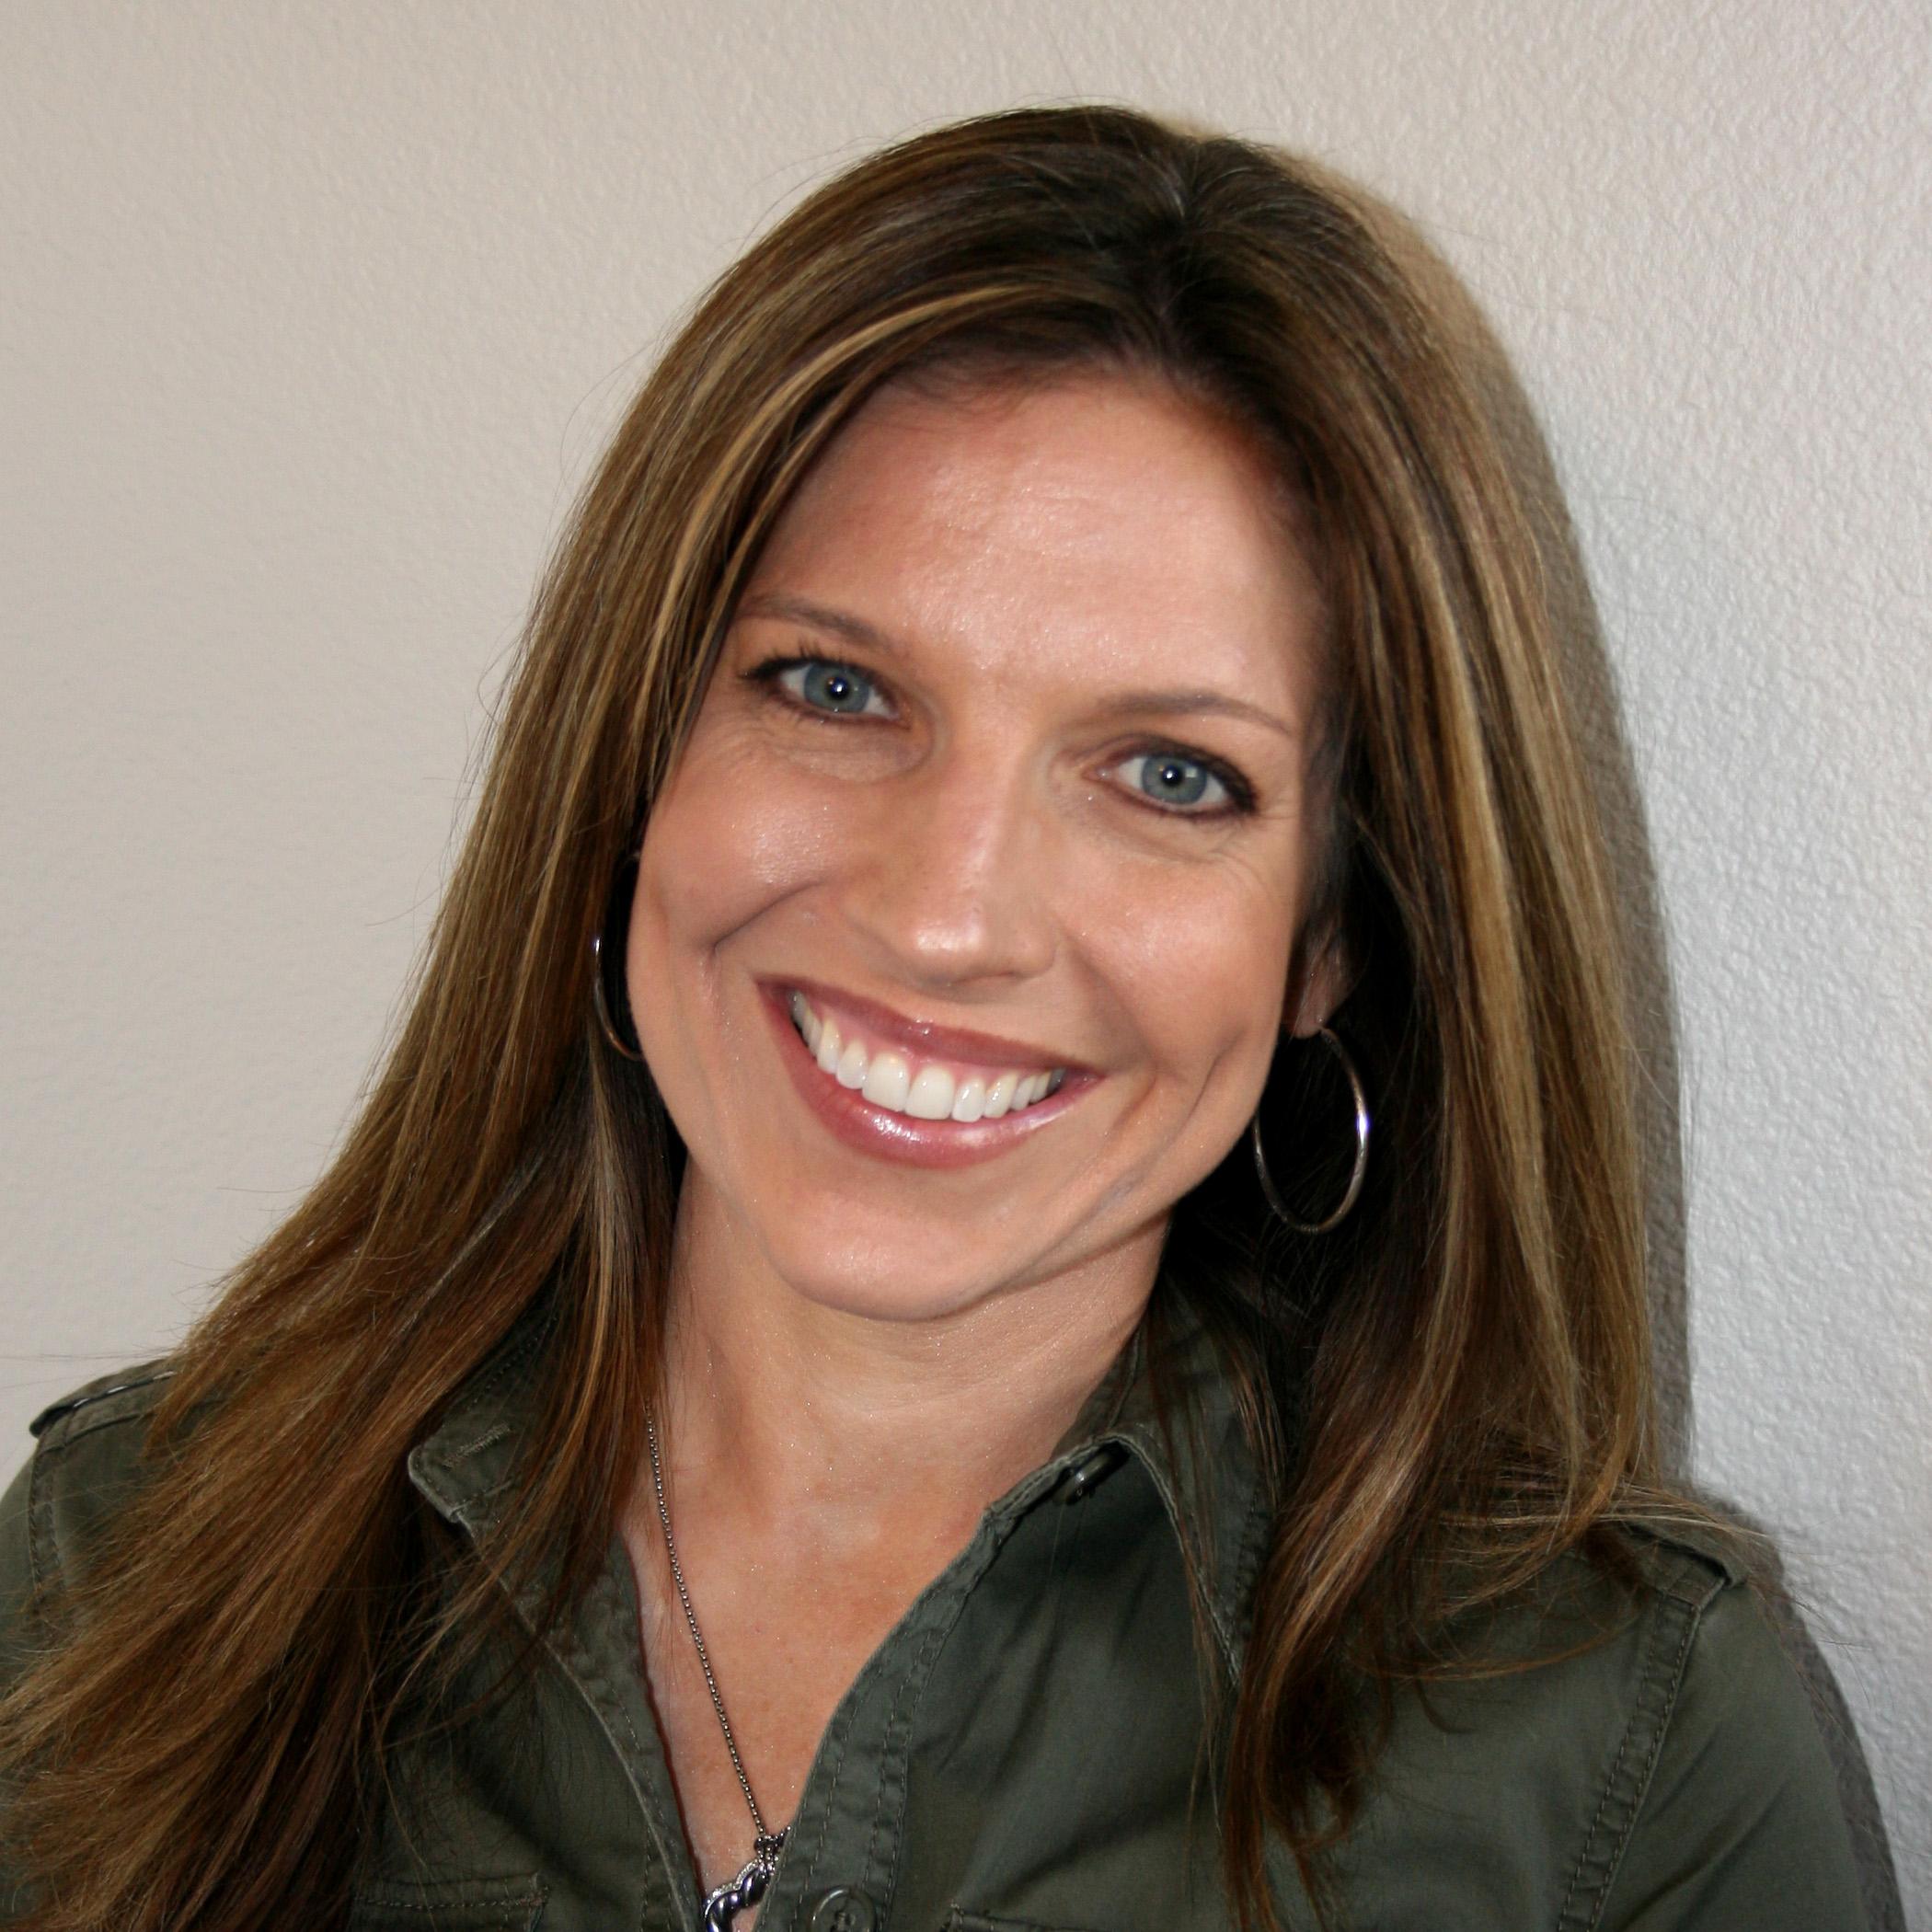 Joanne Vogel, Dean of Student Life